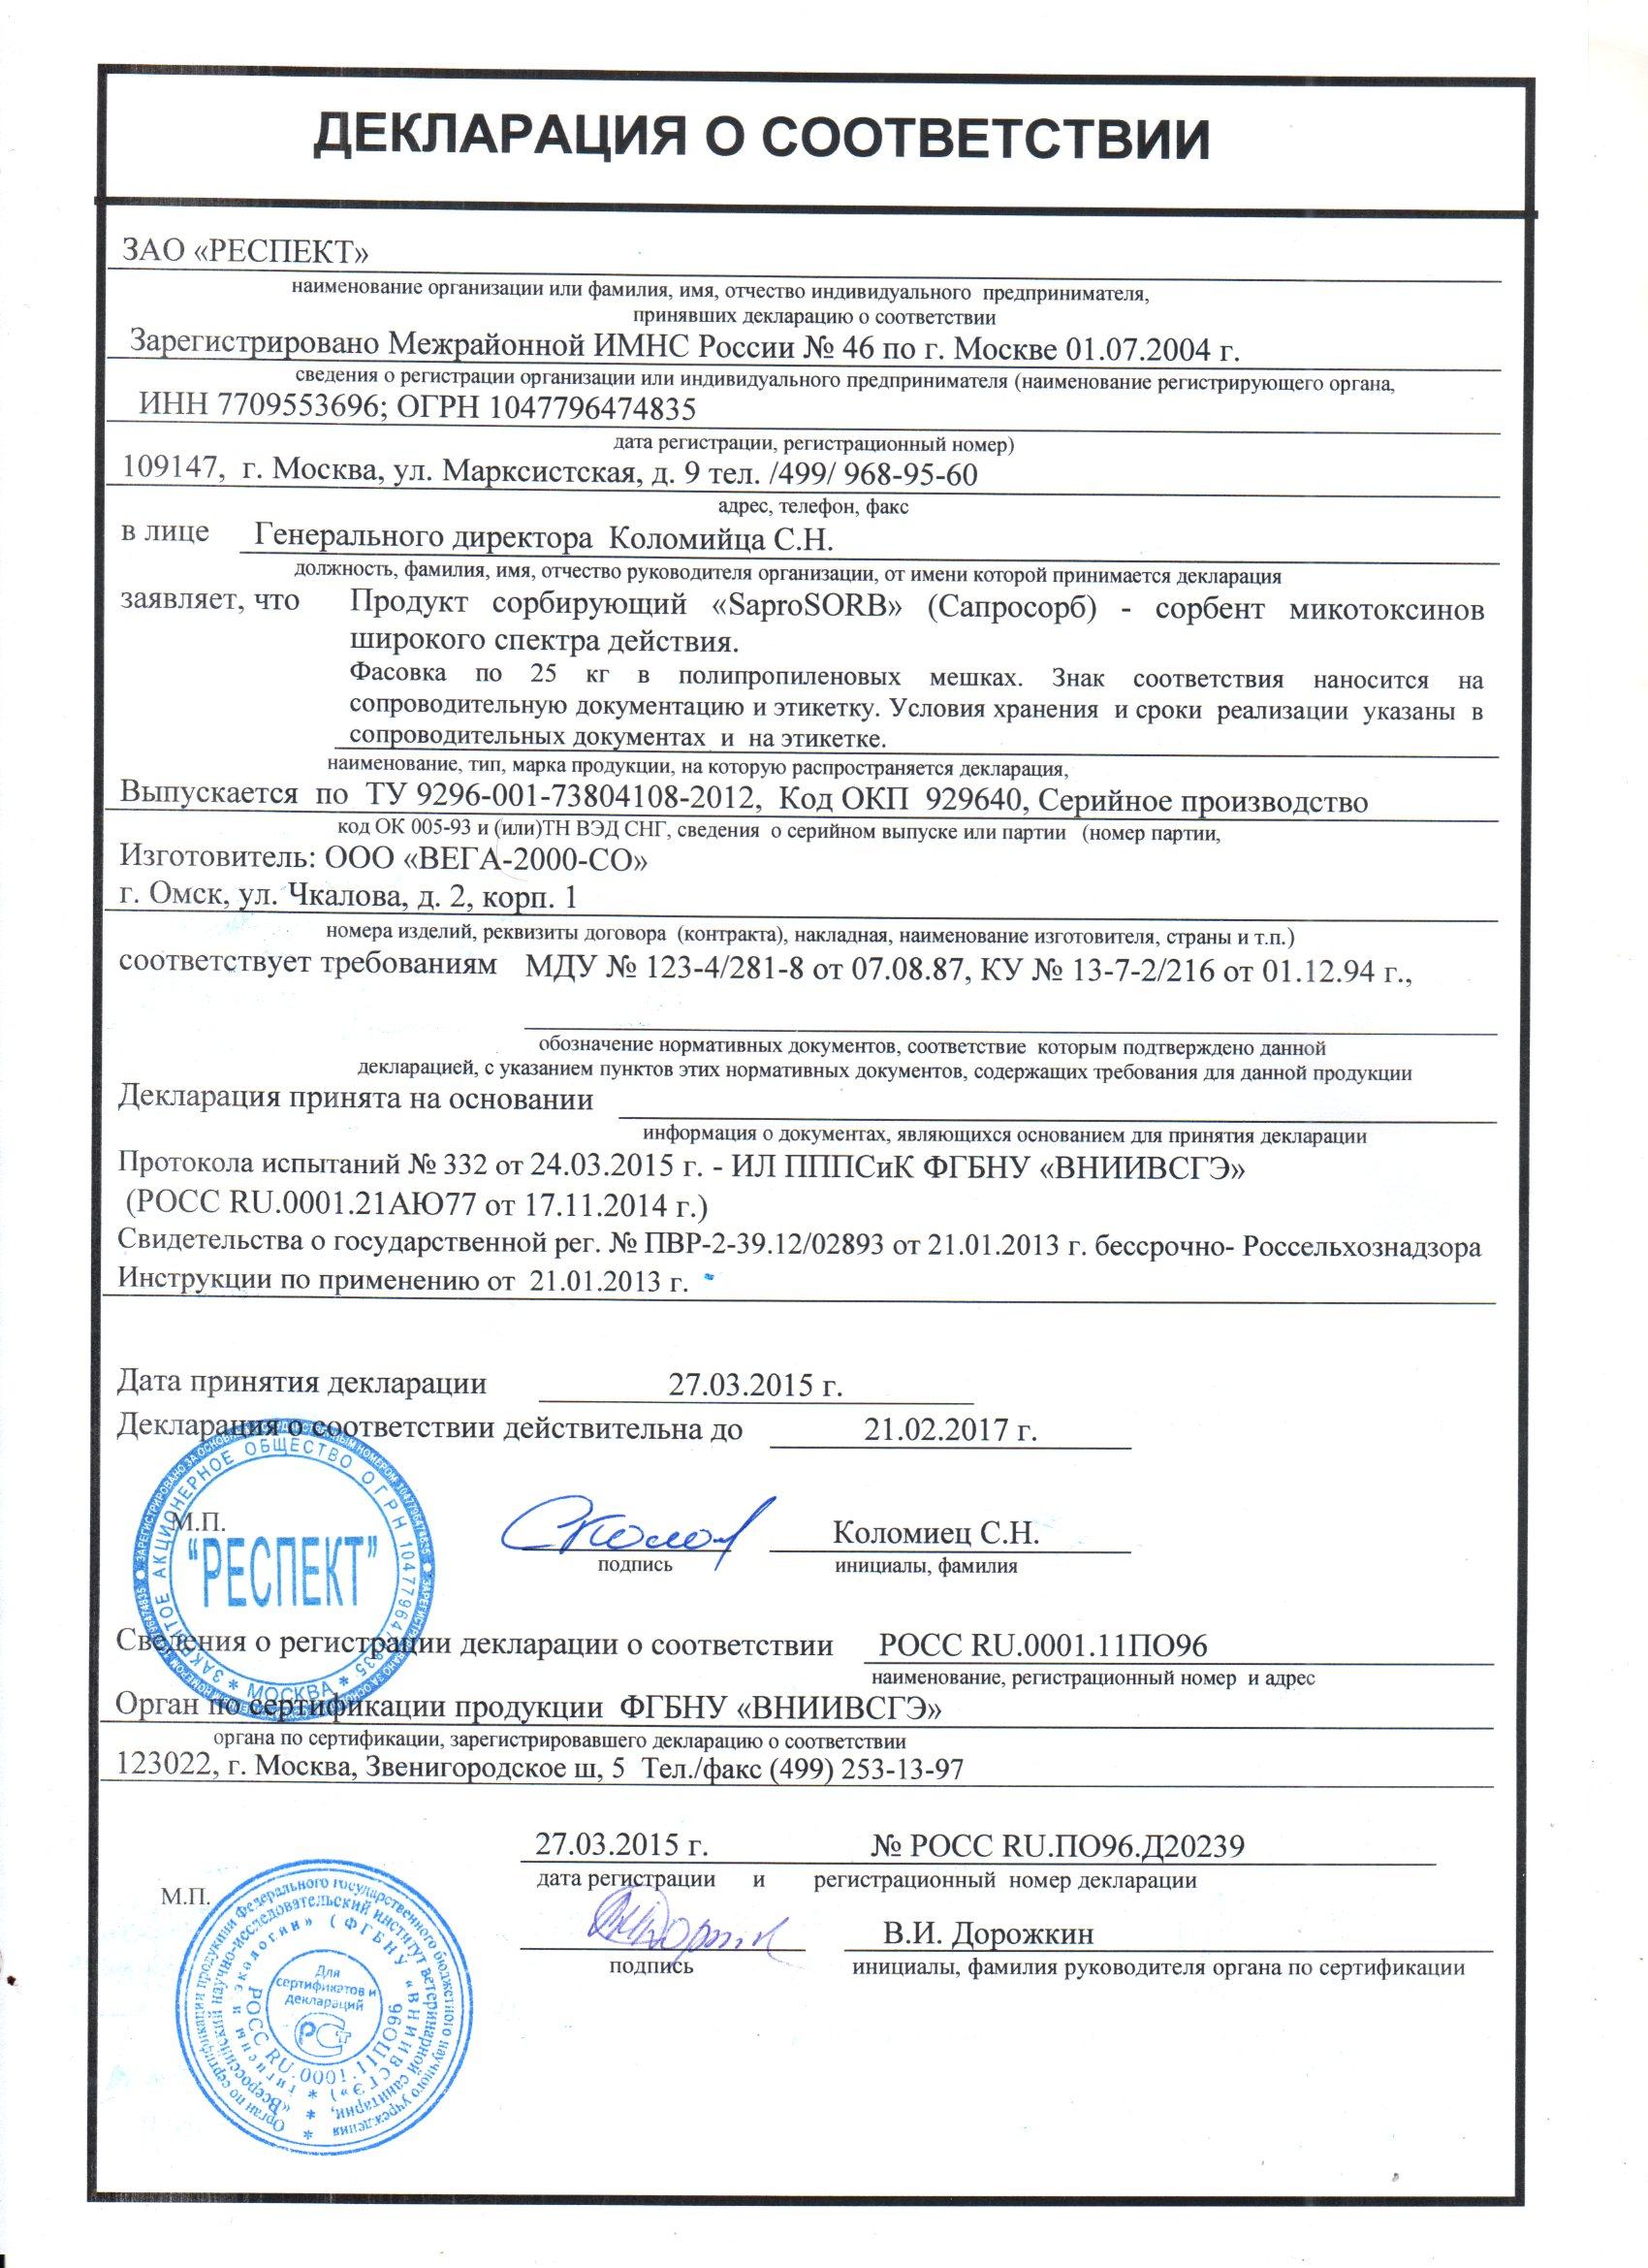 Декларация соответствия кормовой добавки для животных сорбента/адсорбента Сапросорб Saprosorb